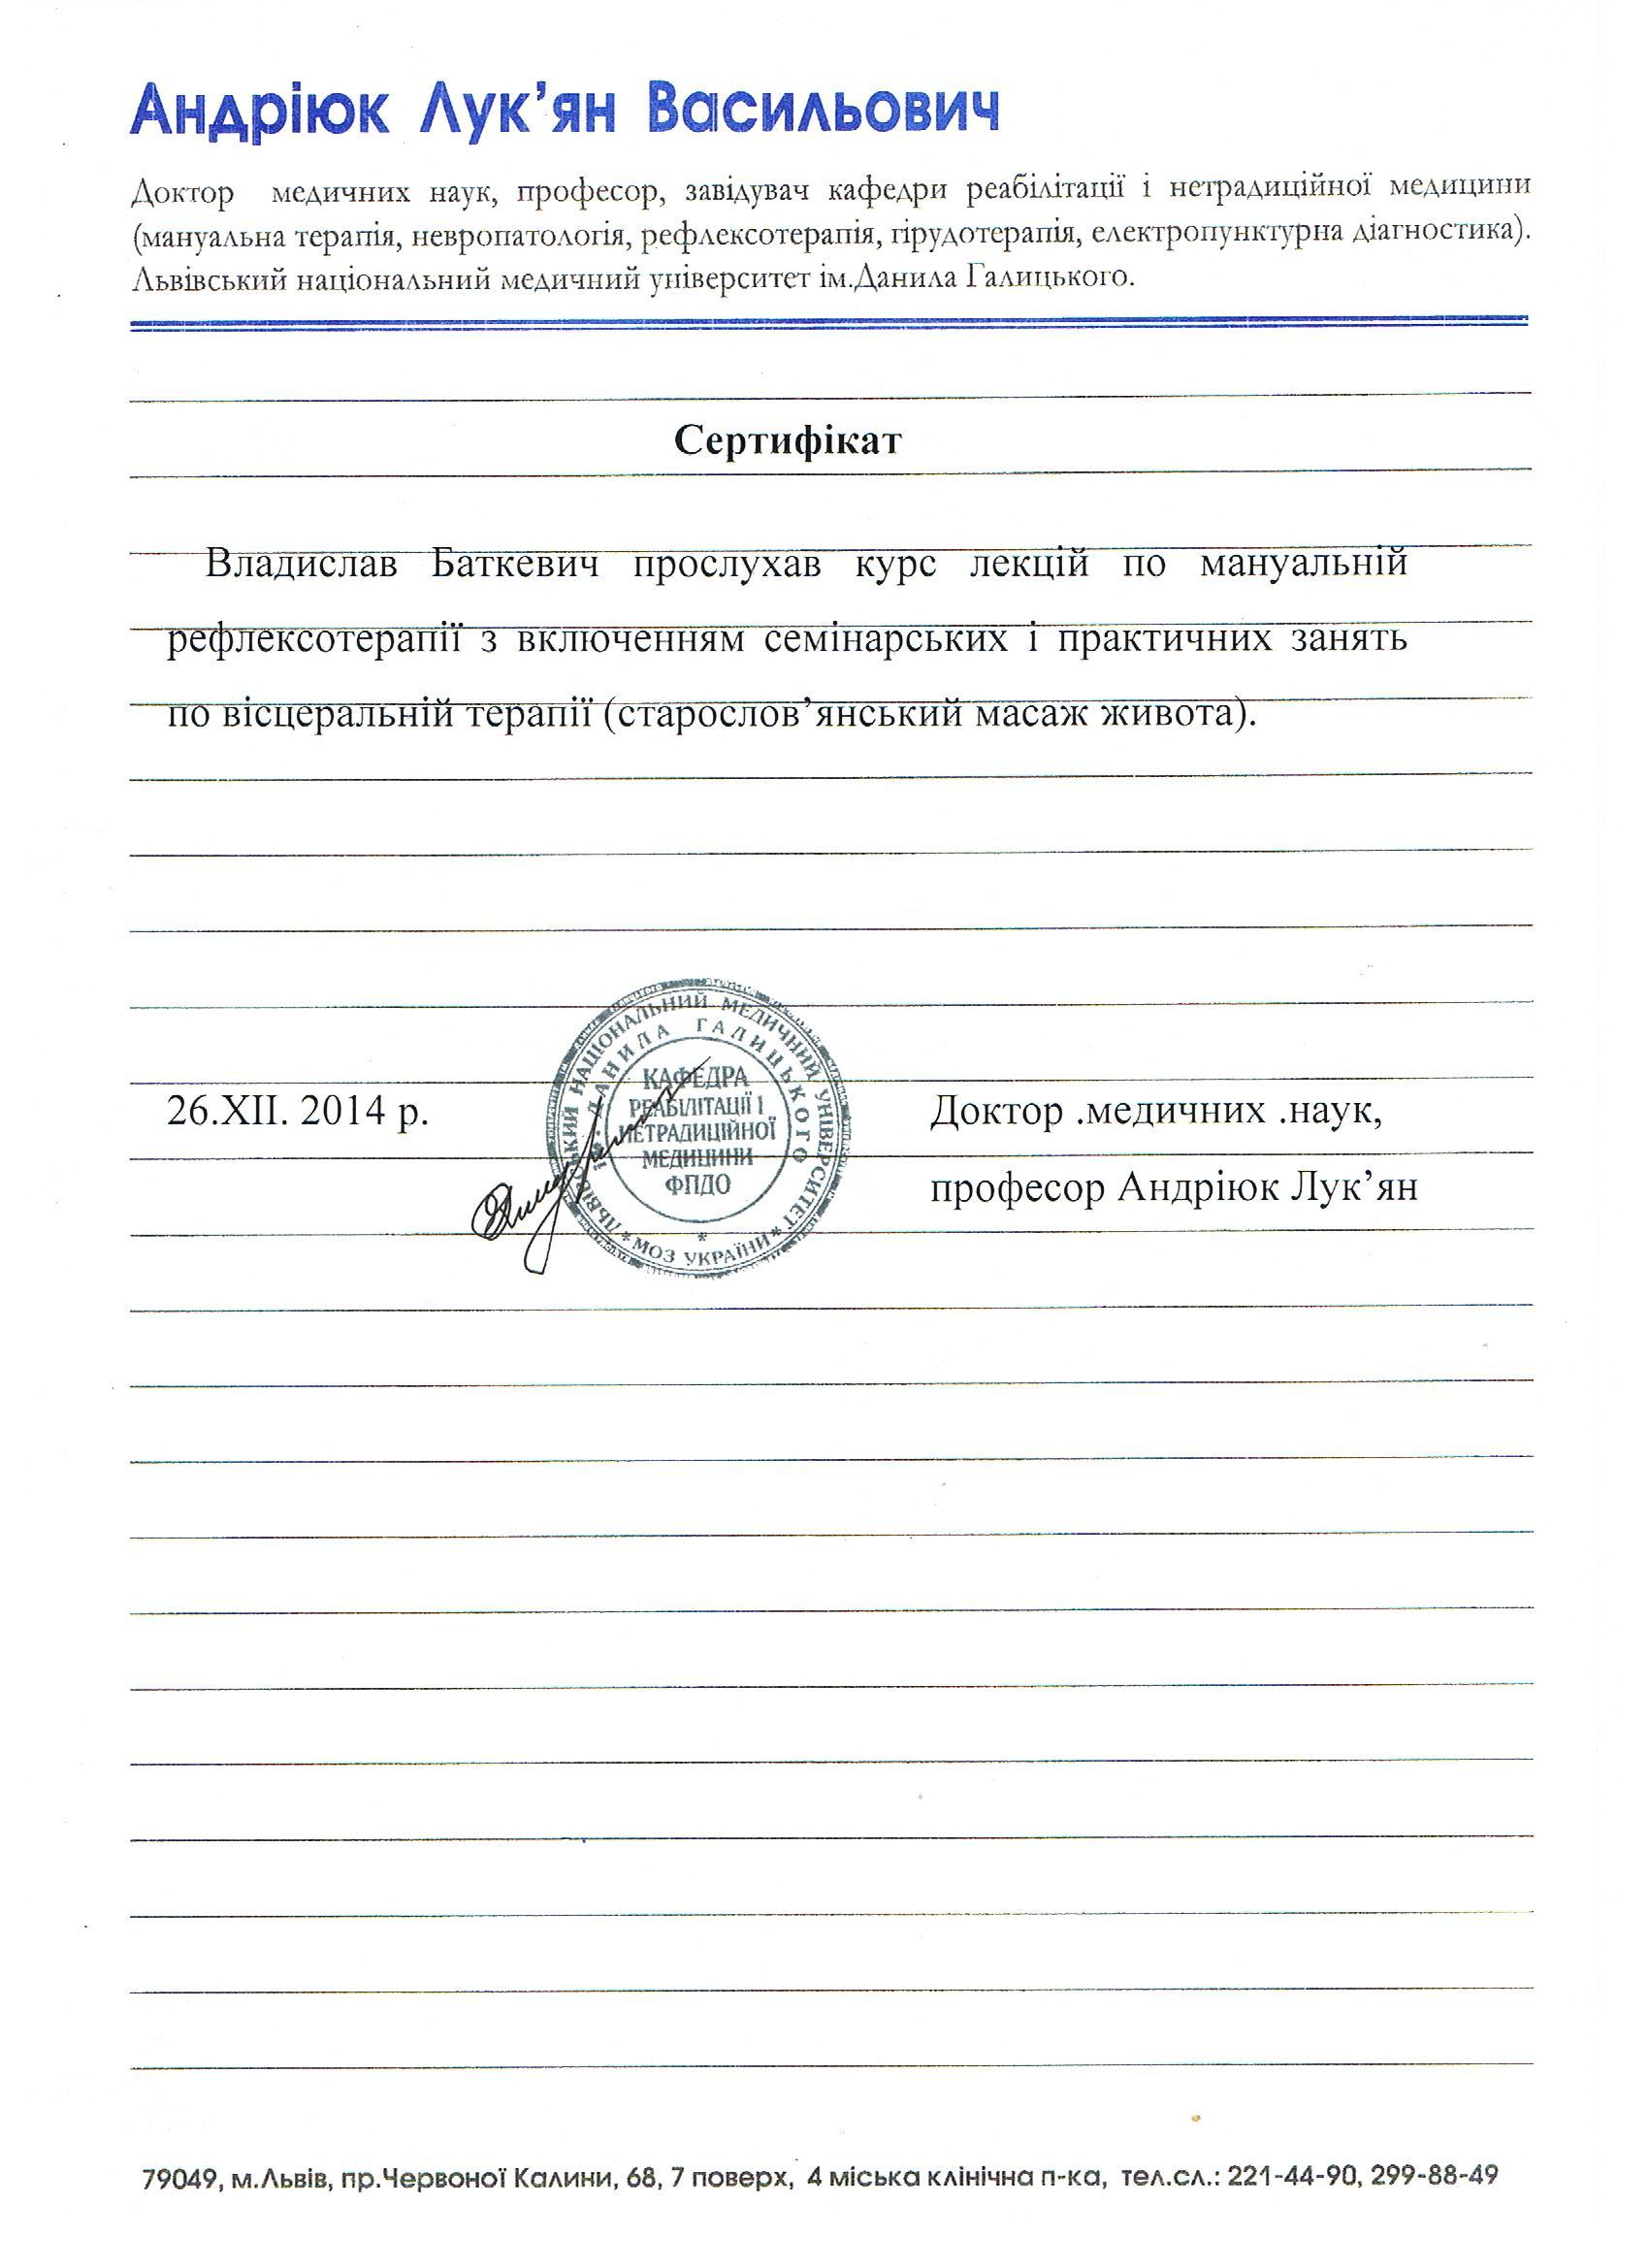 Certyfikat nr 3 001